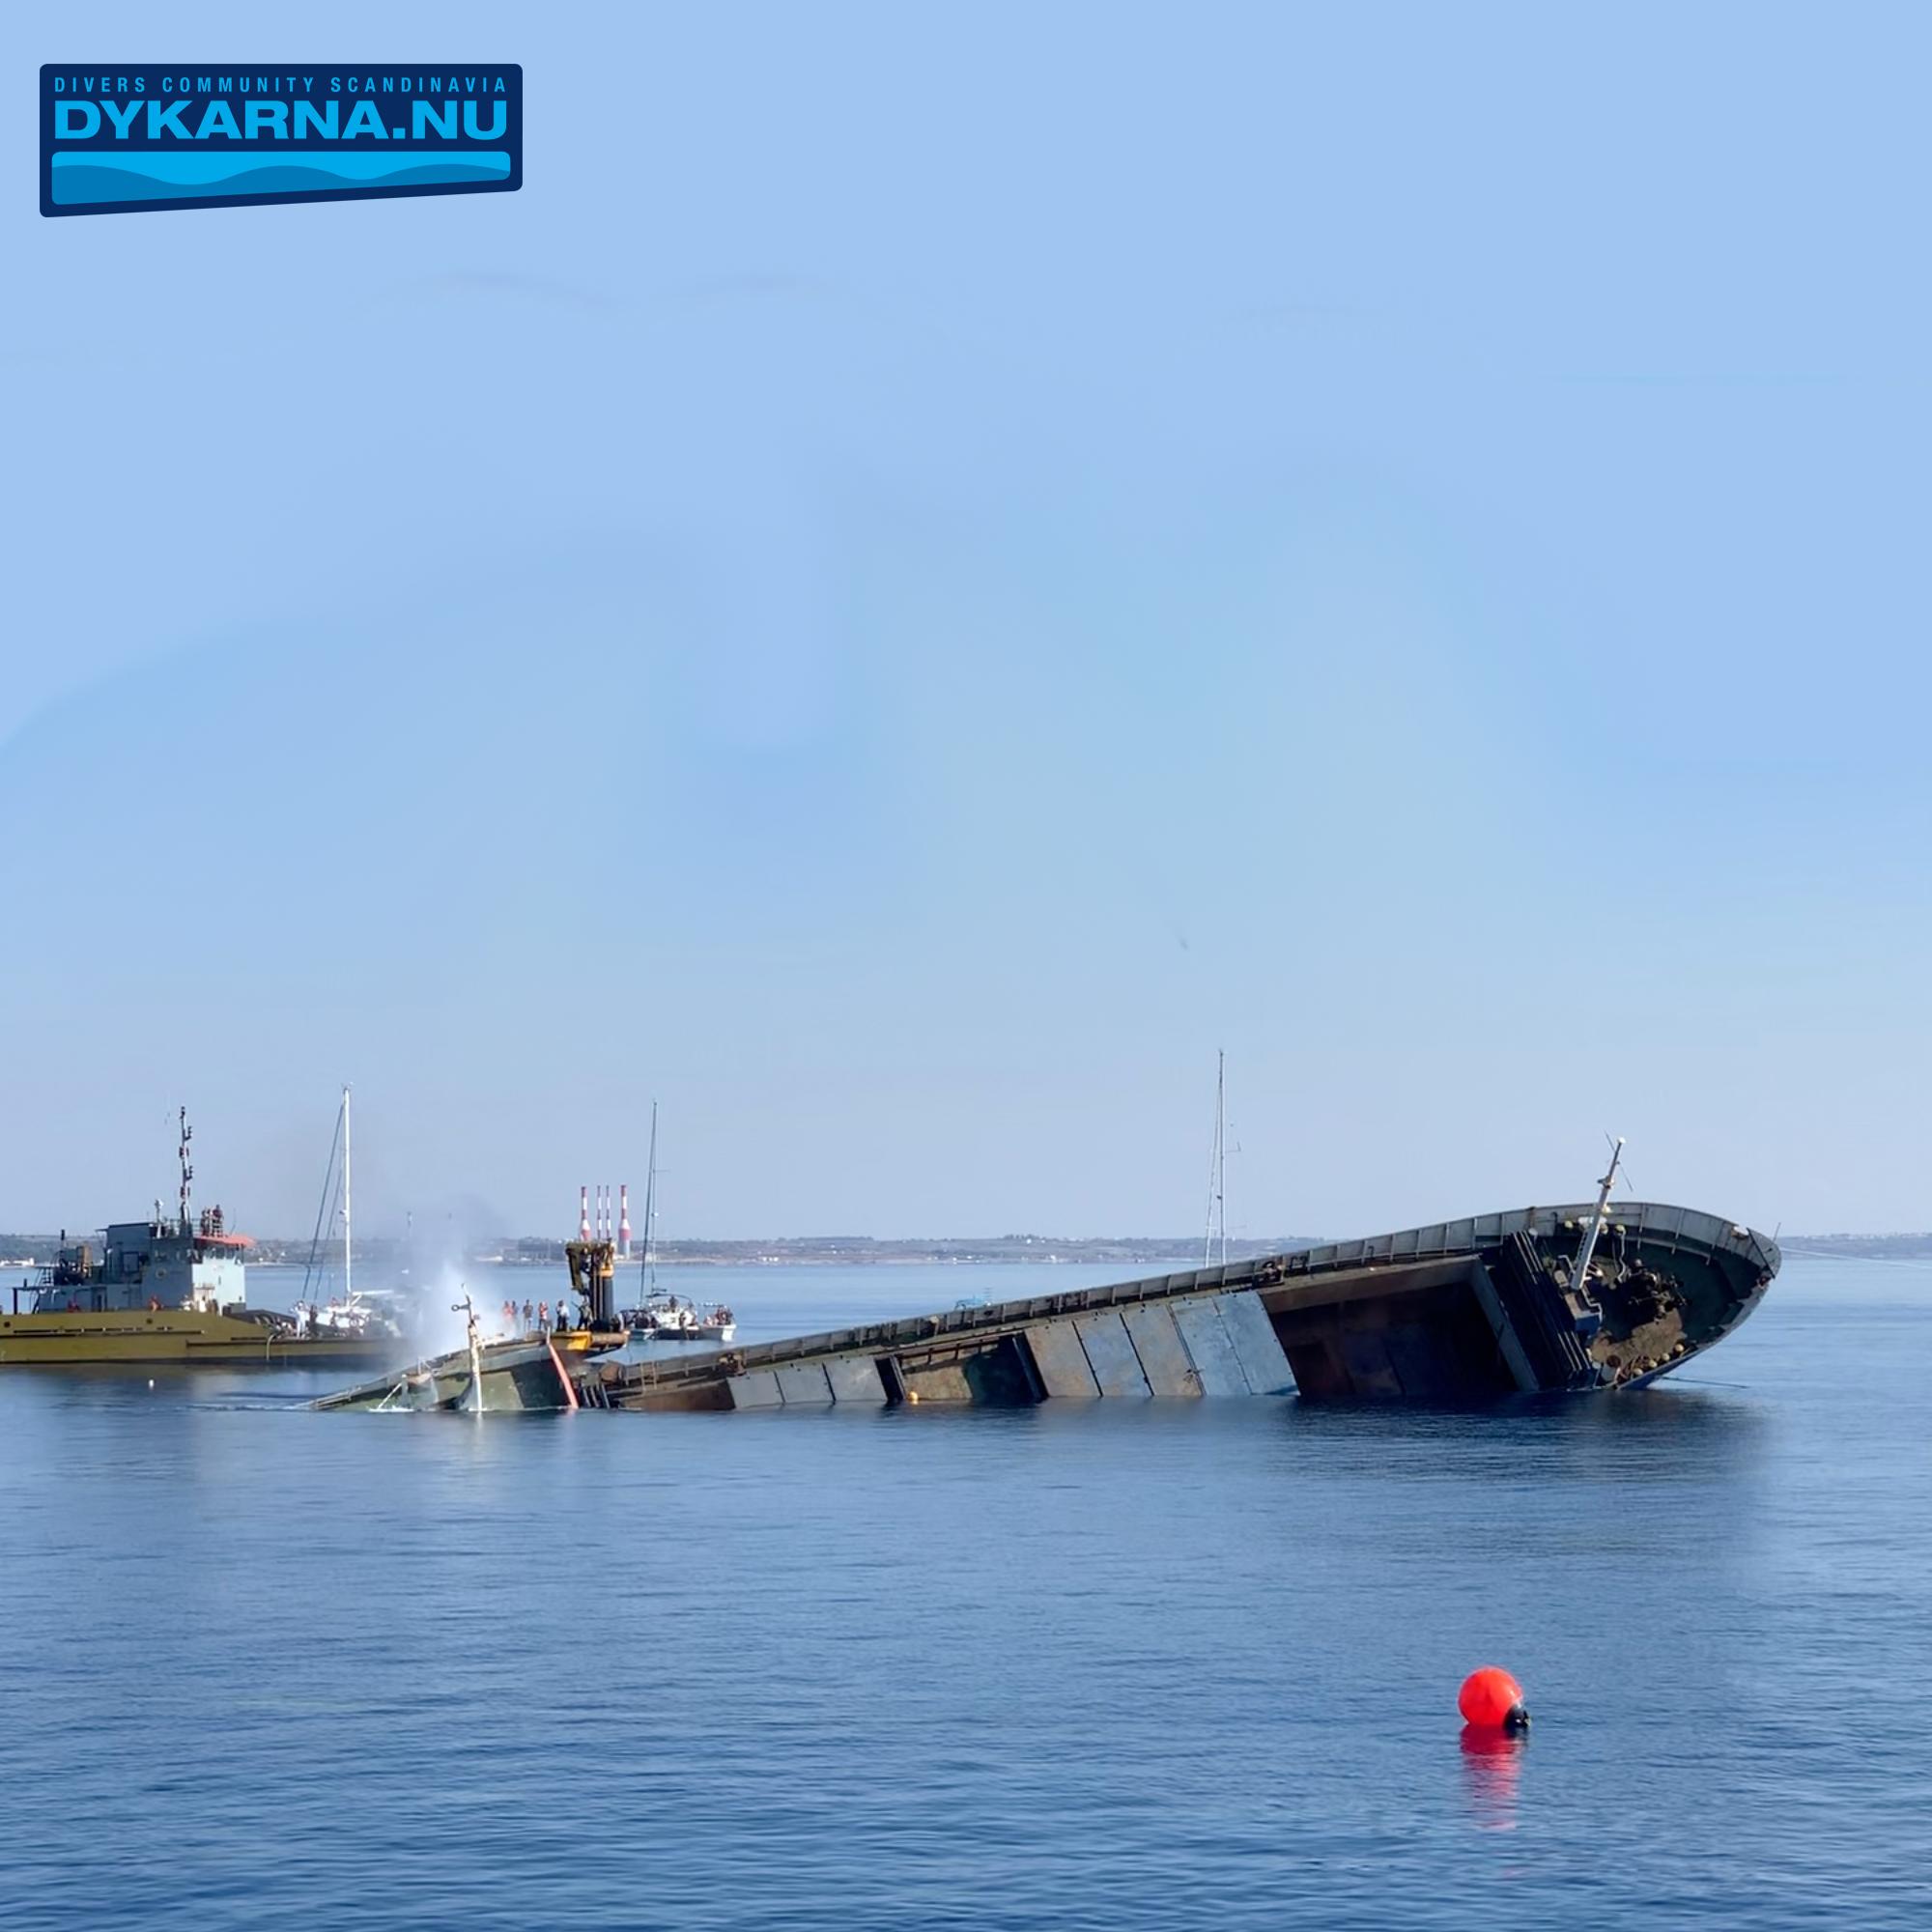 Sänka skepp på Cypern - Om Zenobia, Elpida och mycket mer